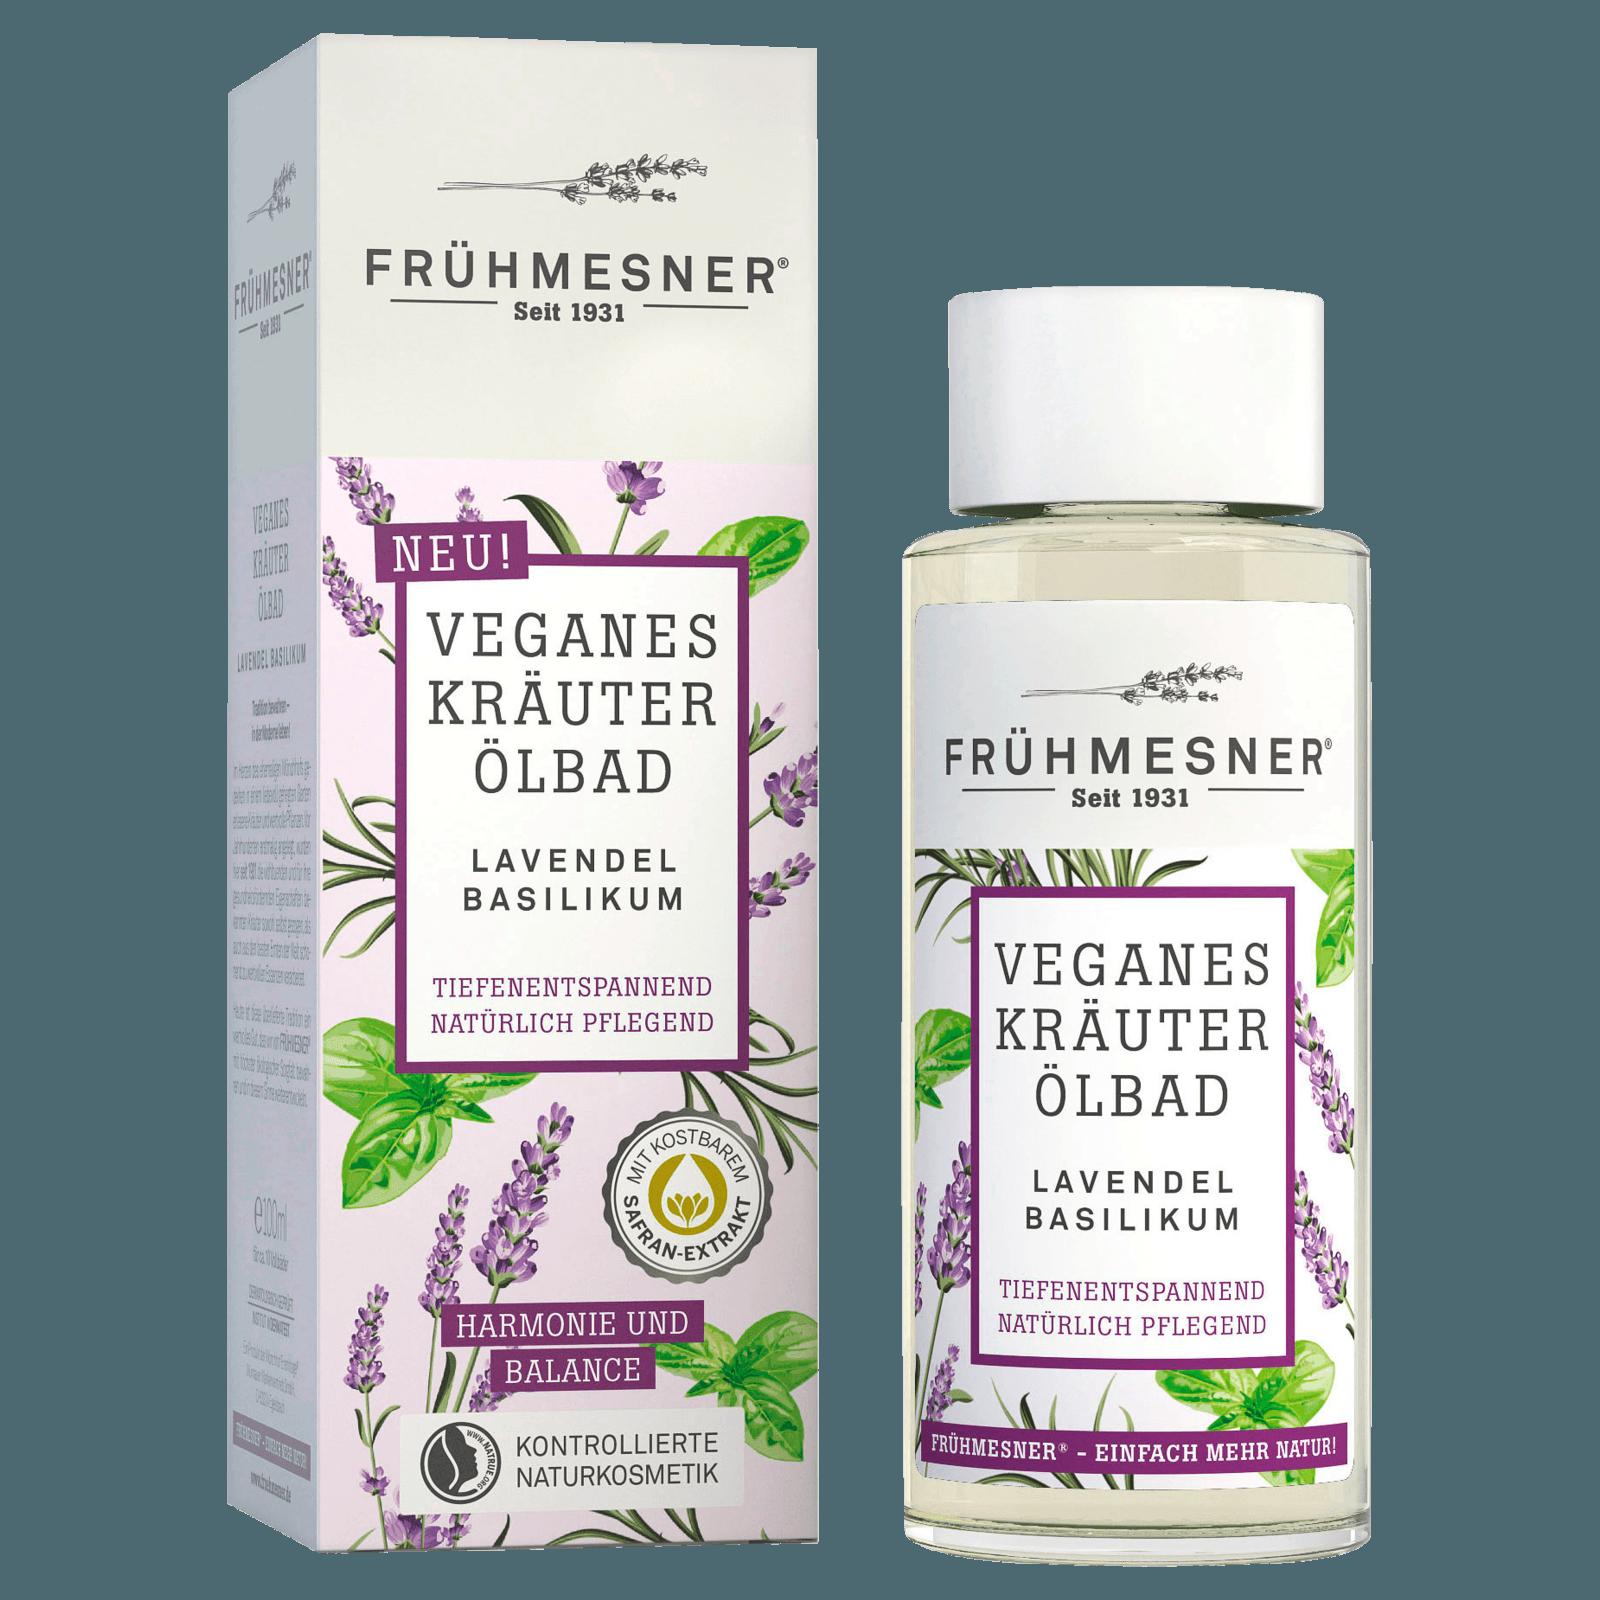 Frühmesner Ölbad Lavendel Basilikum 100ml